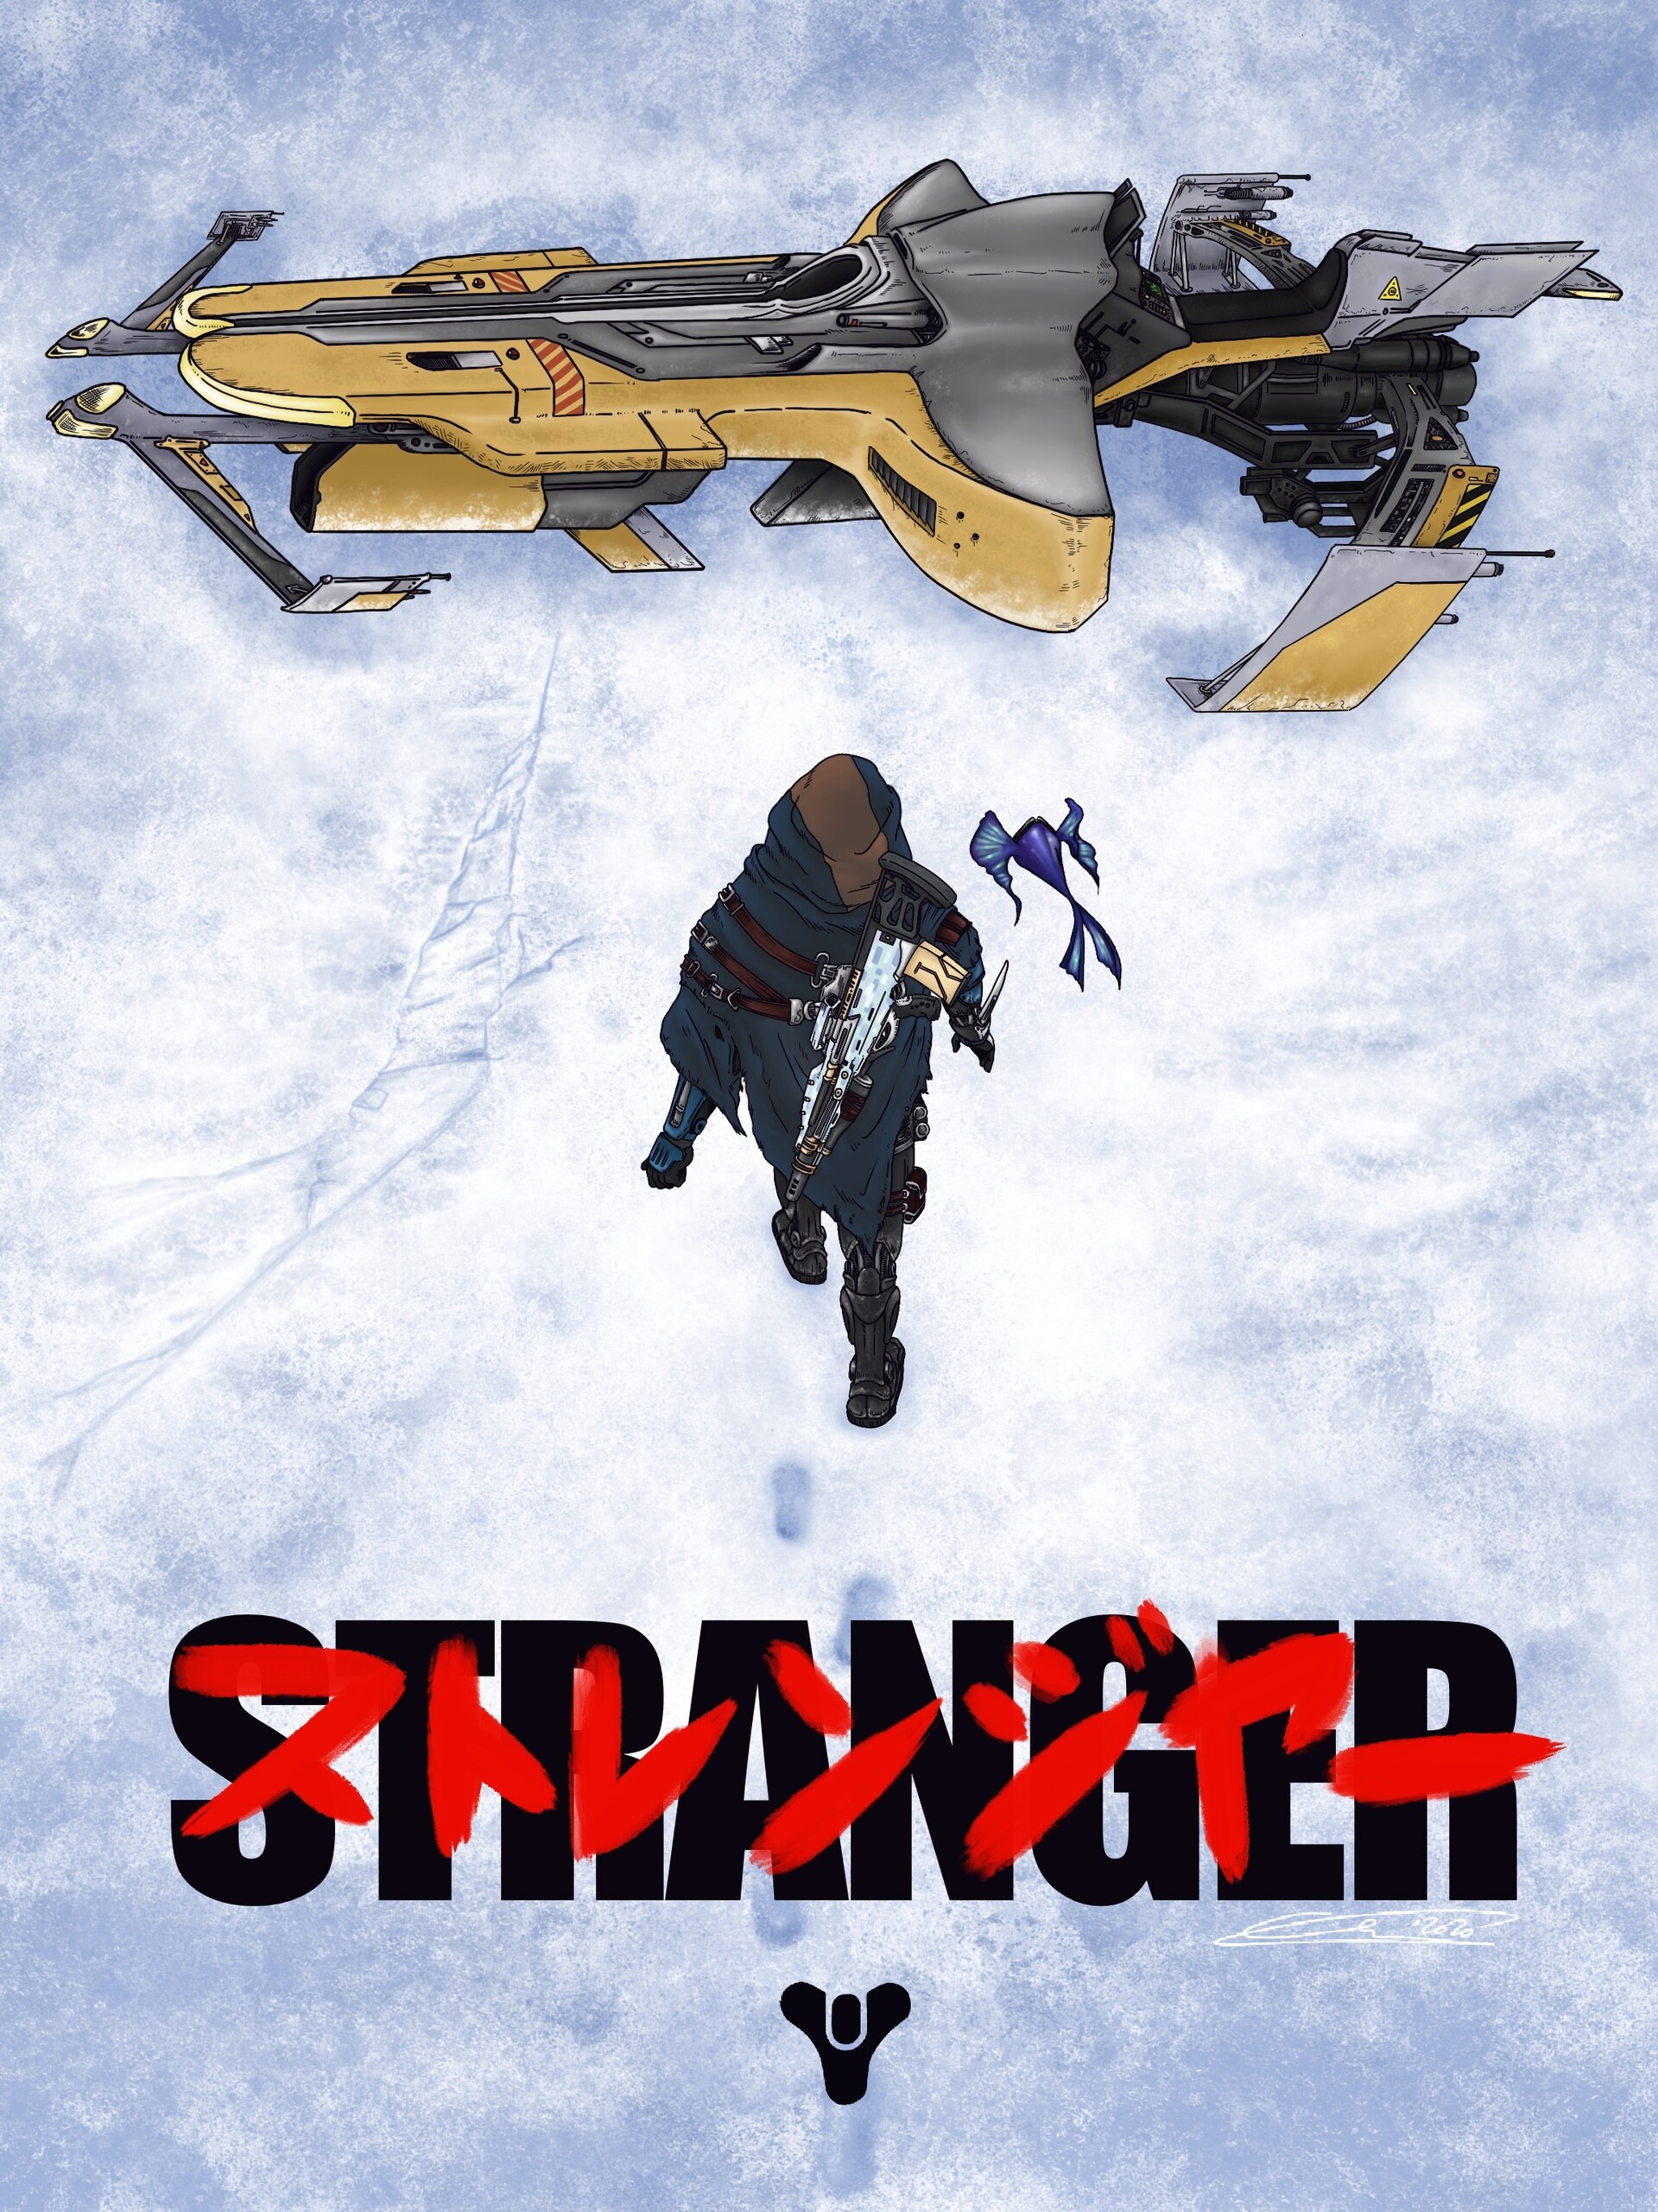 STRANGER - ストレンジャー